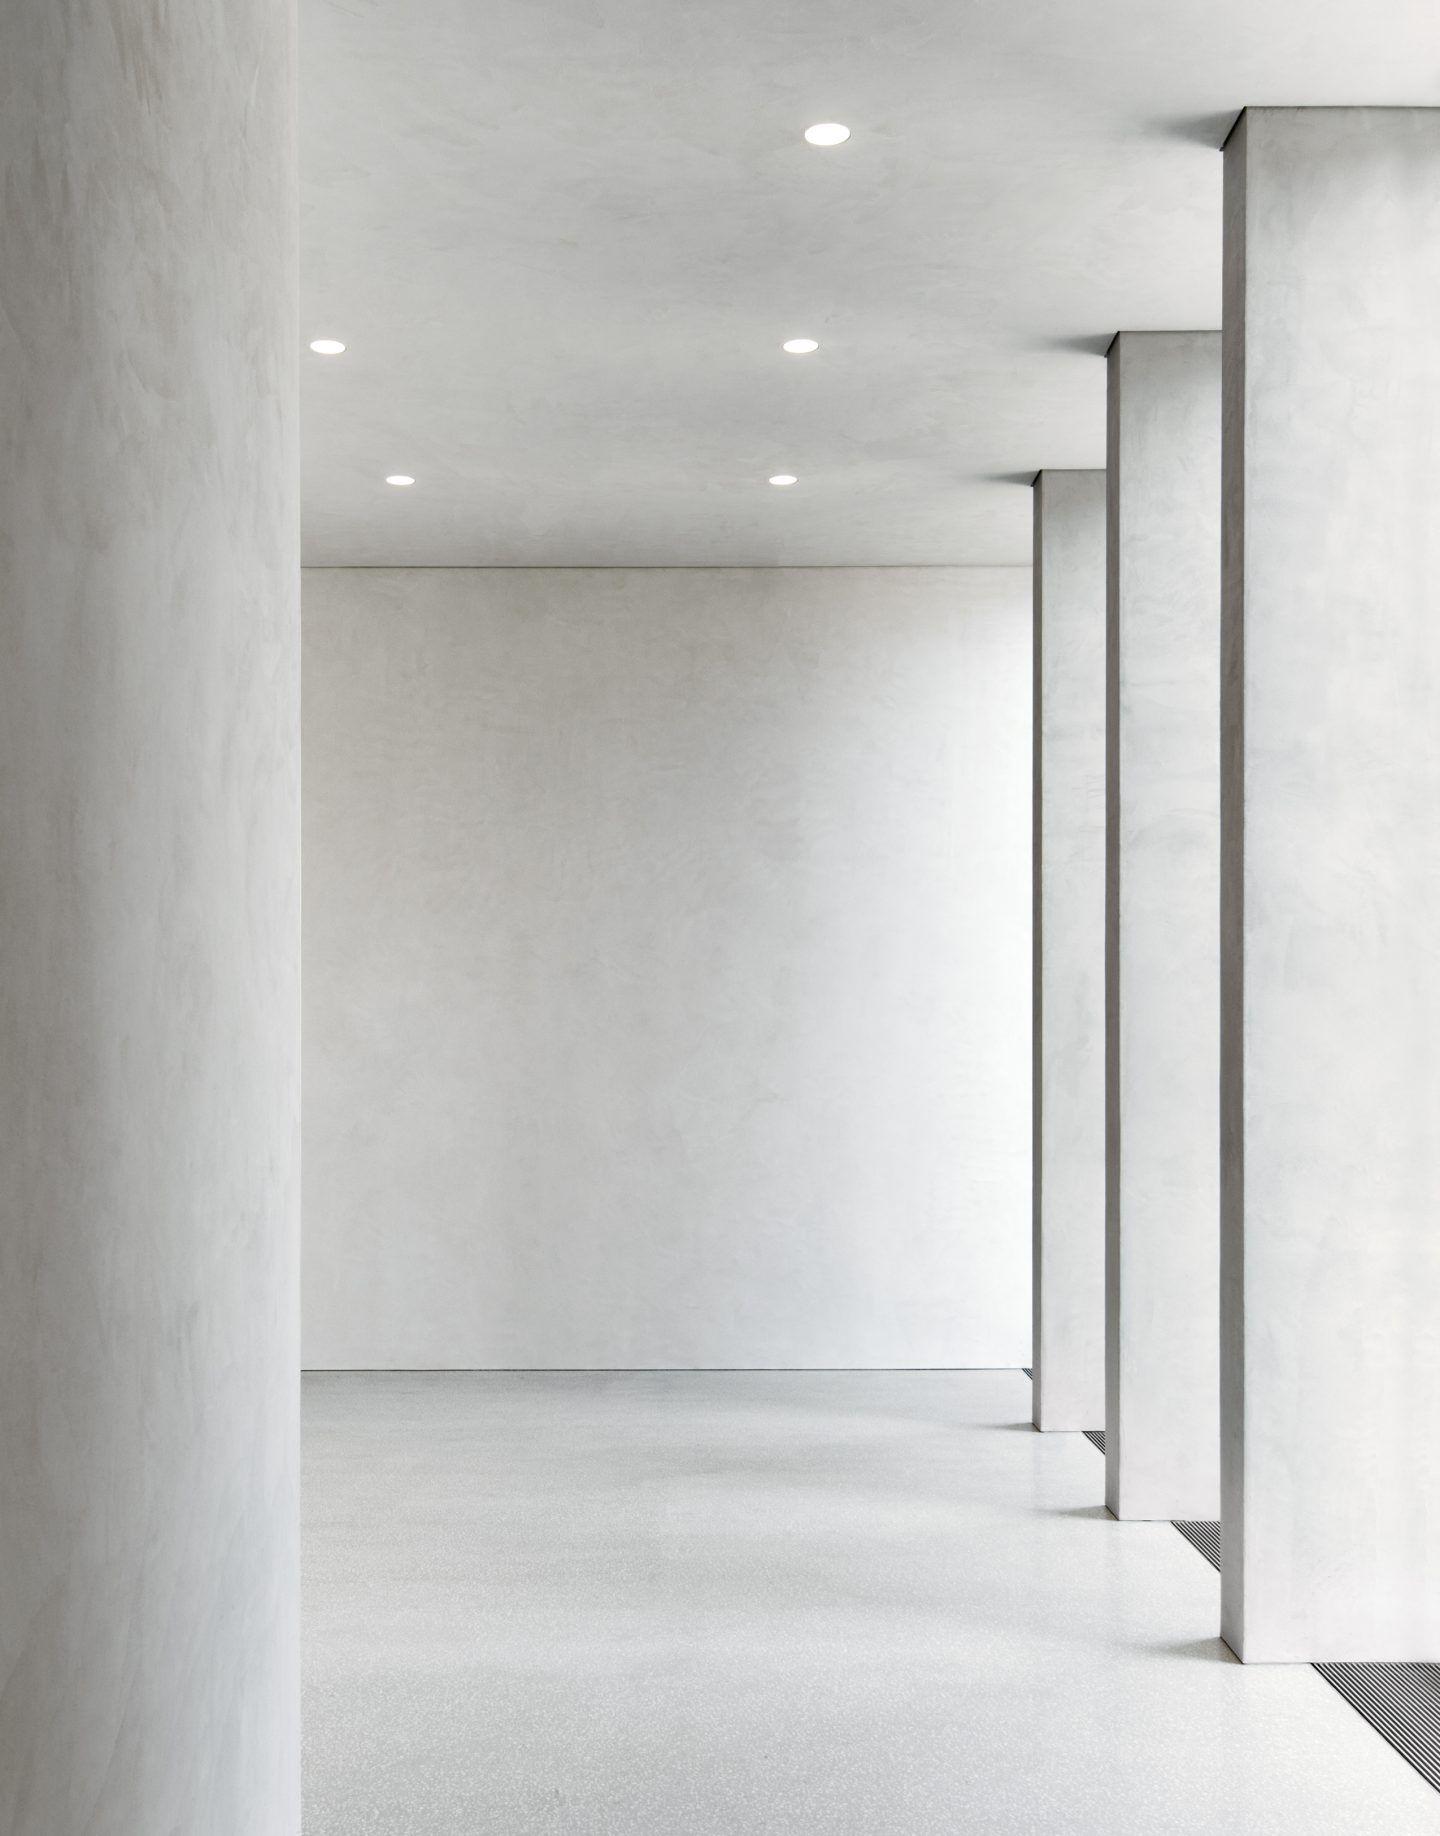 IGNANT-Architecture-Barozzi-Veiga-Museum-Lausanne-07